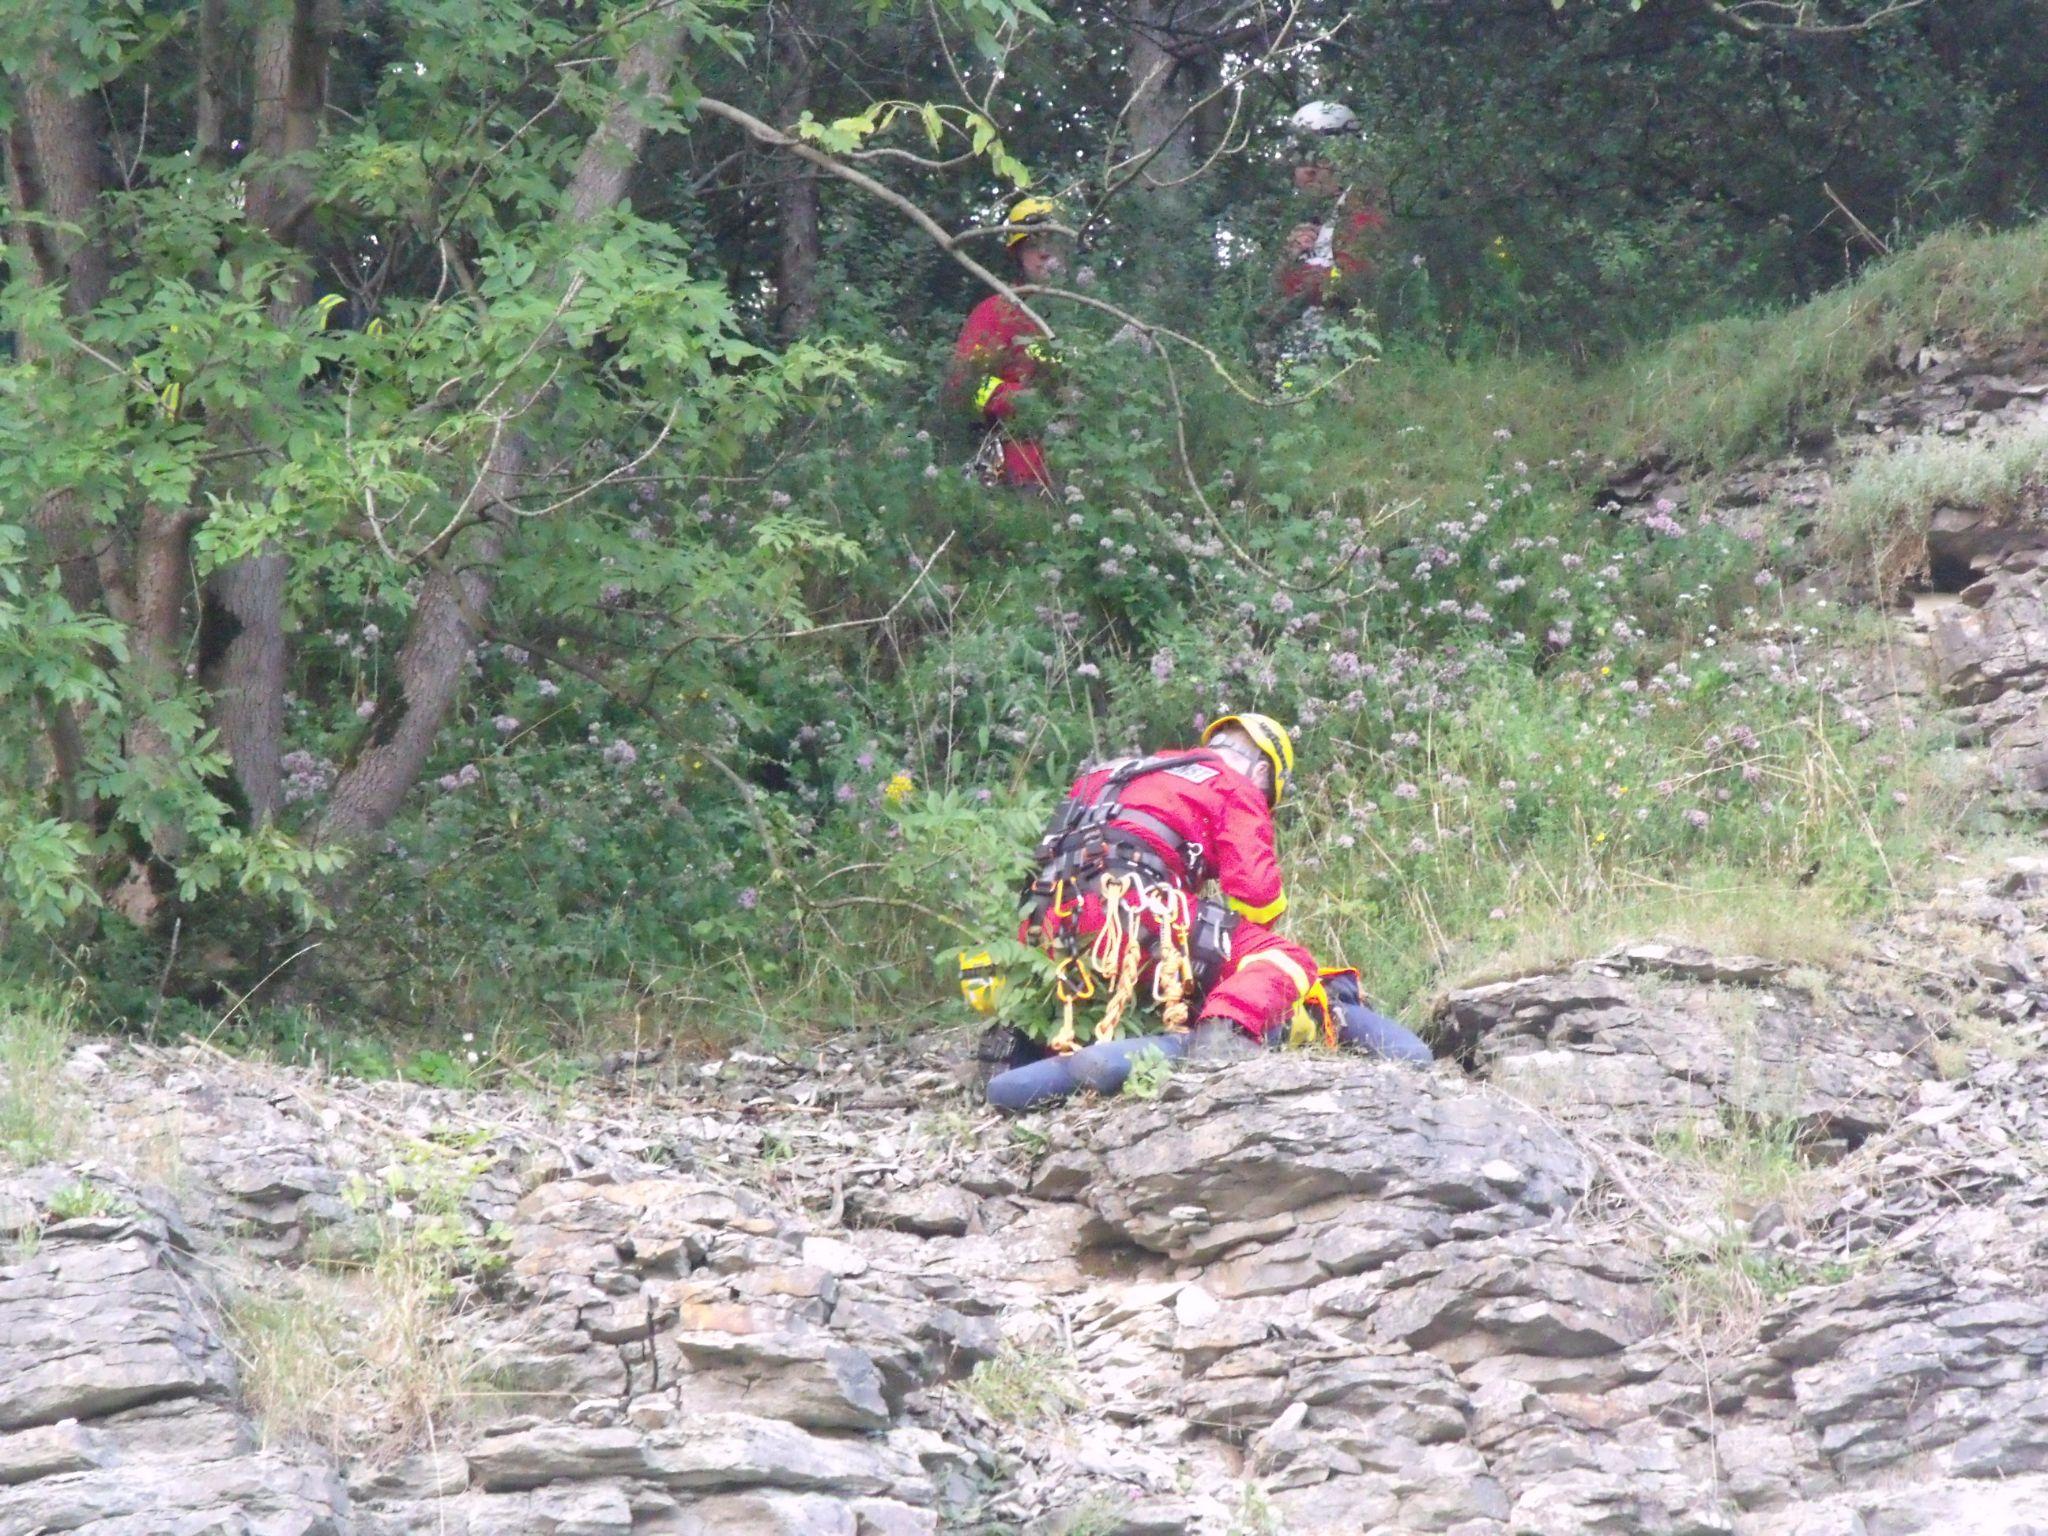 Abgestürzter Geocacher im Steinbruch